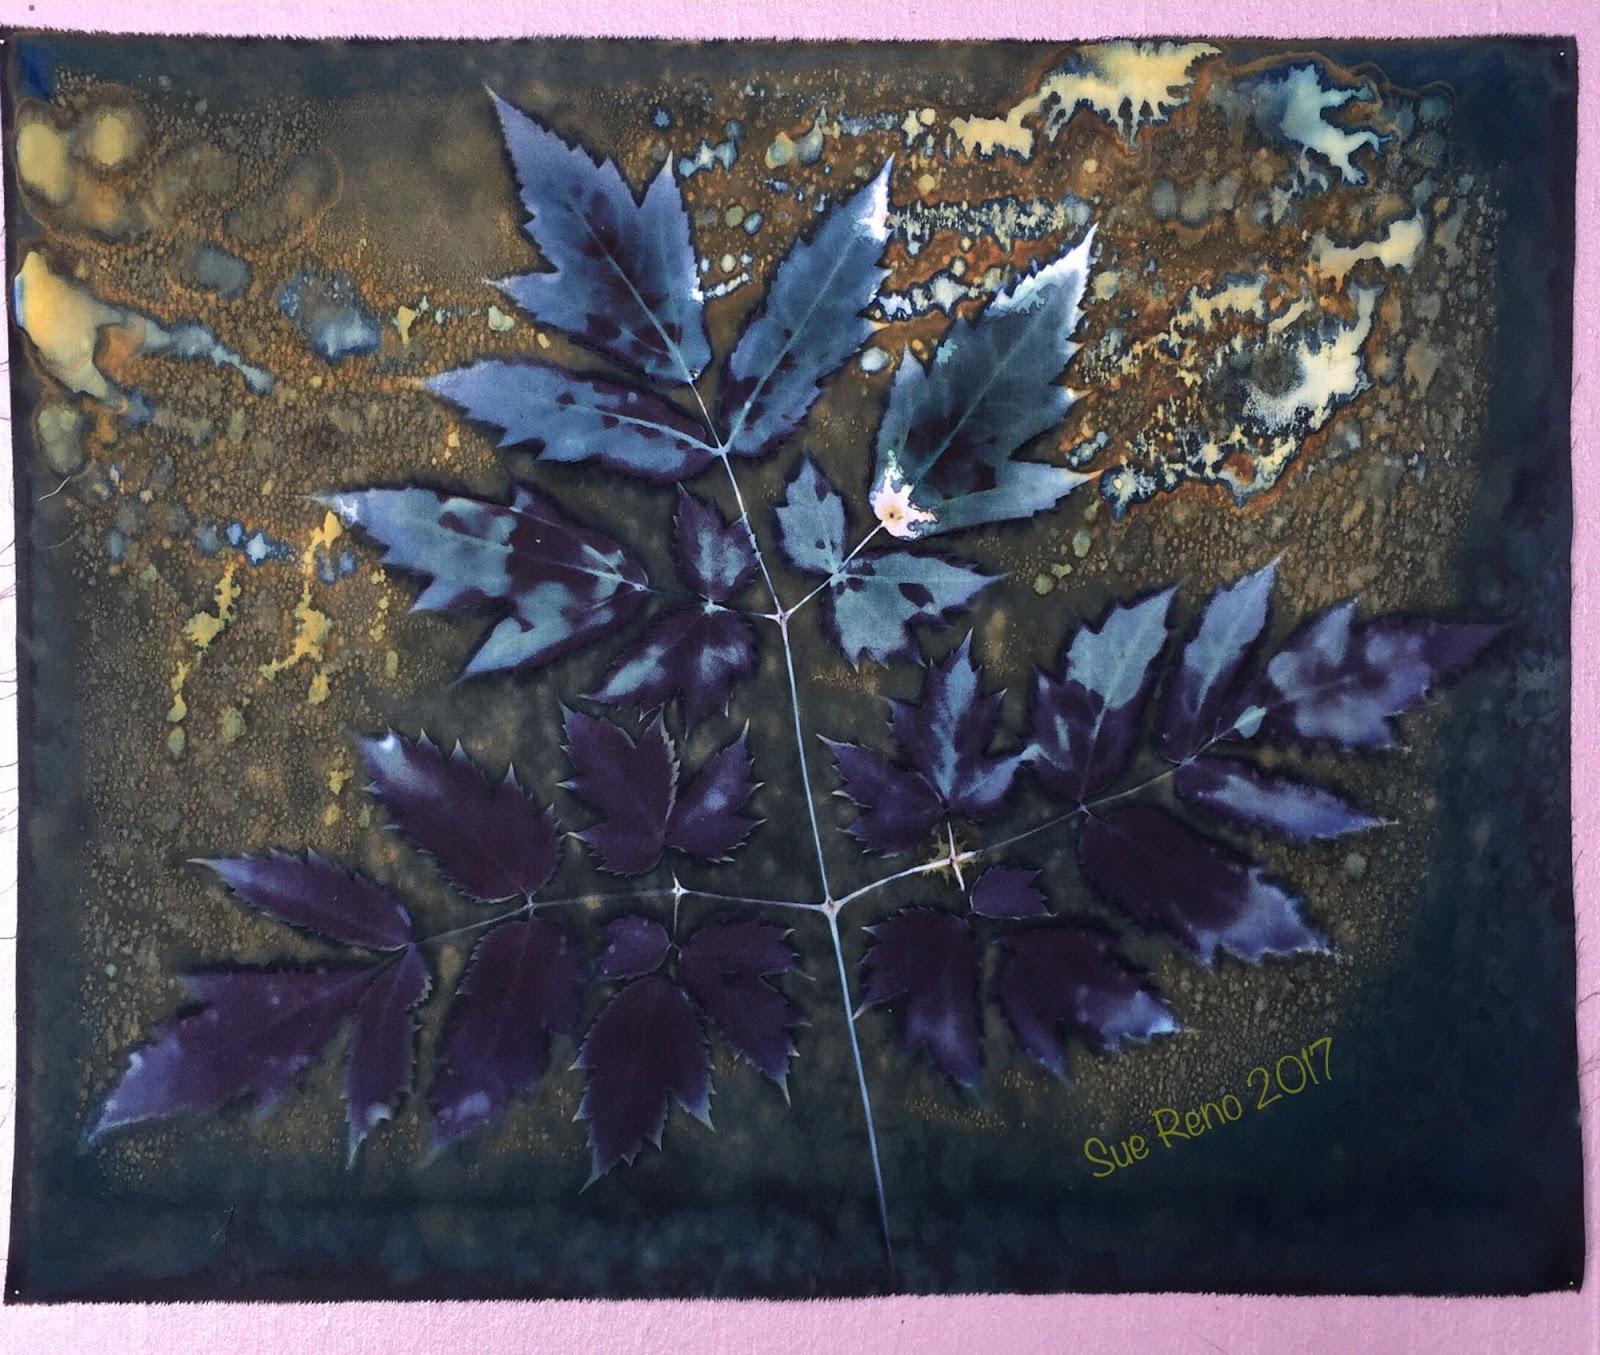 Sue Reno Studio Experiments in wet cyanotype Part 5